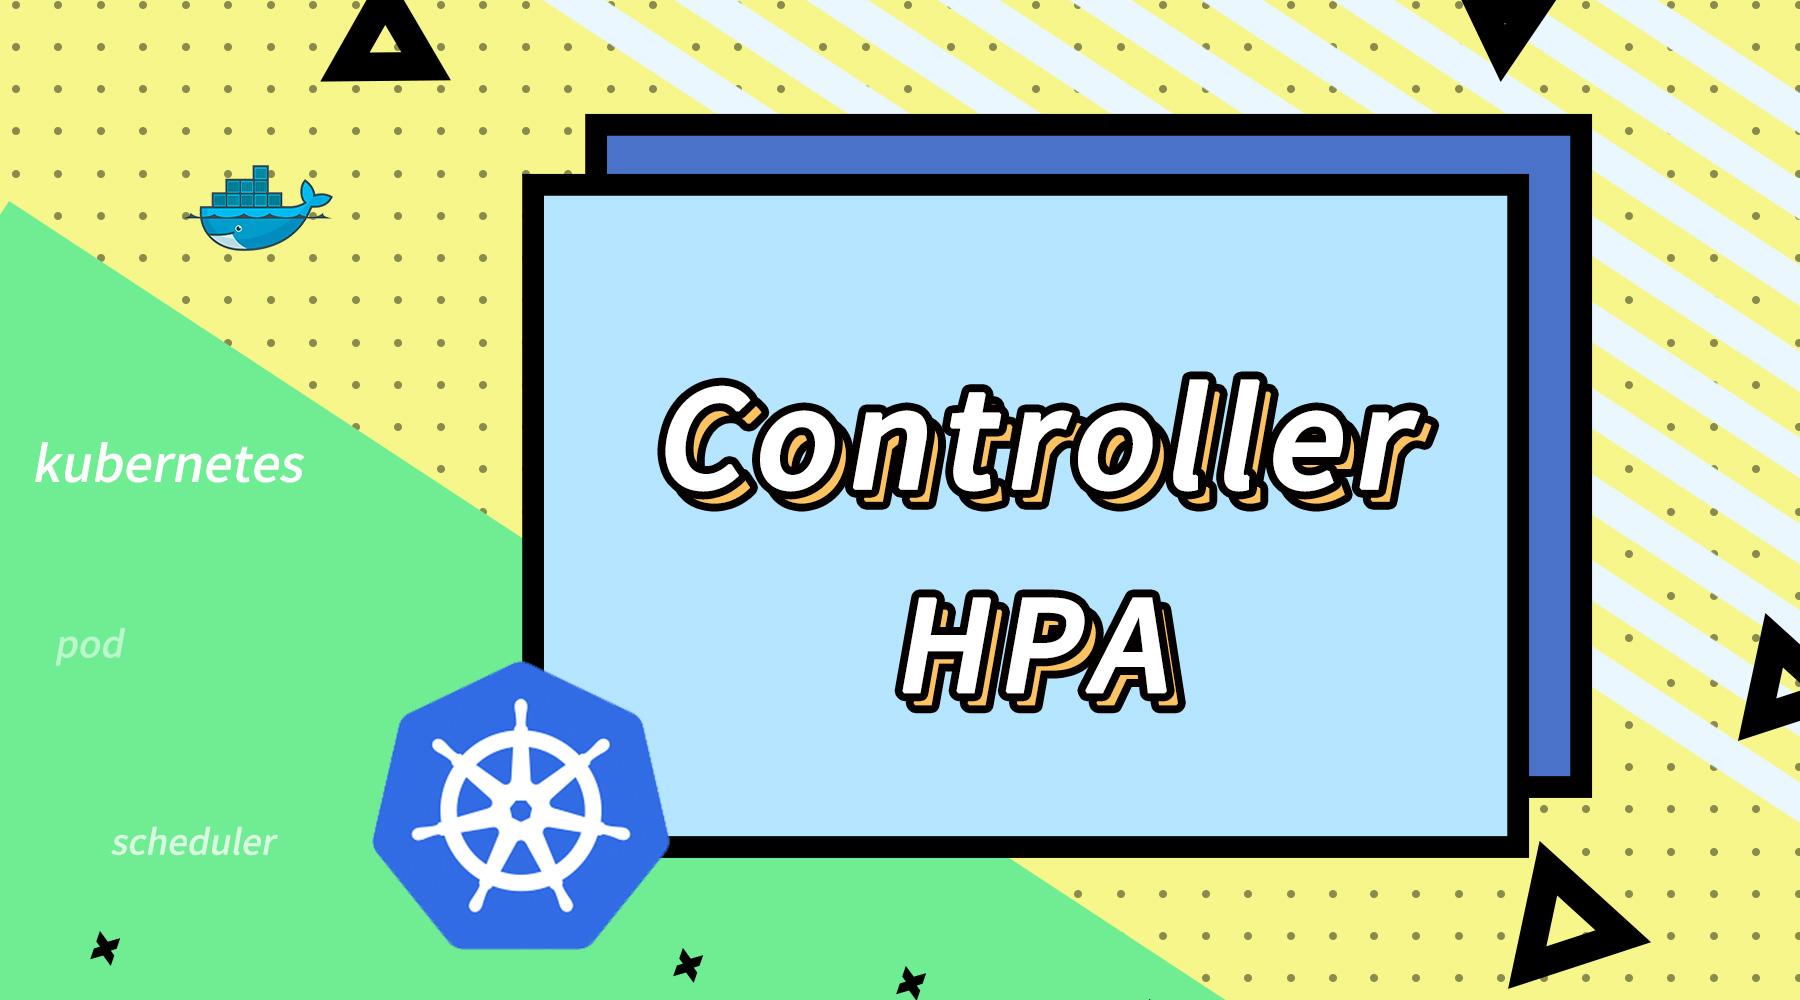 图解kubernetes控制器HPA横向自动伸缩的关键实现_Kubernetes中文社区